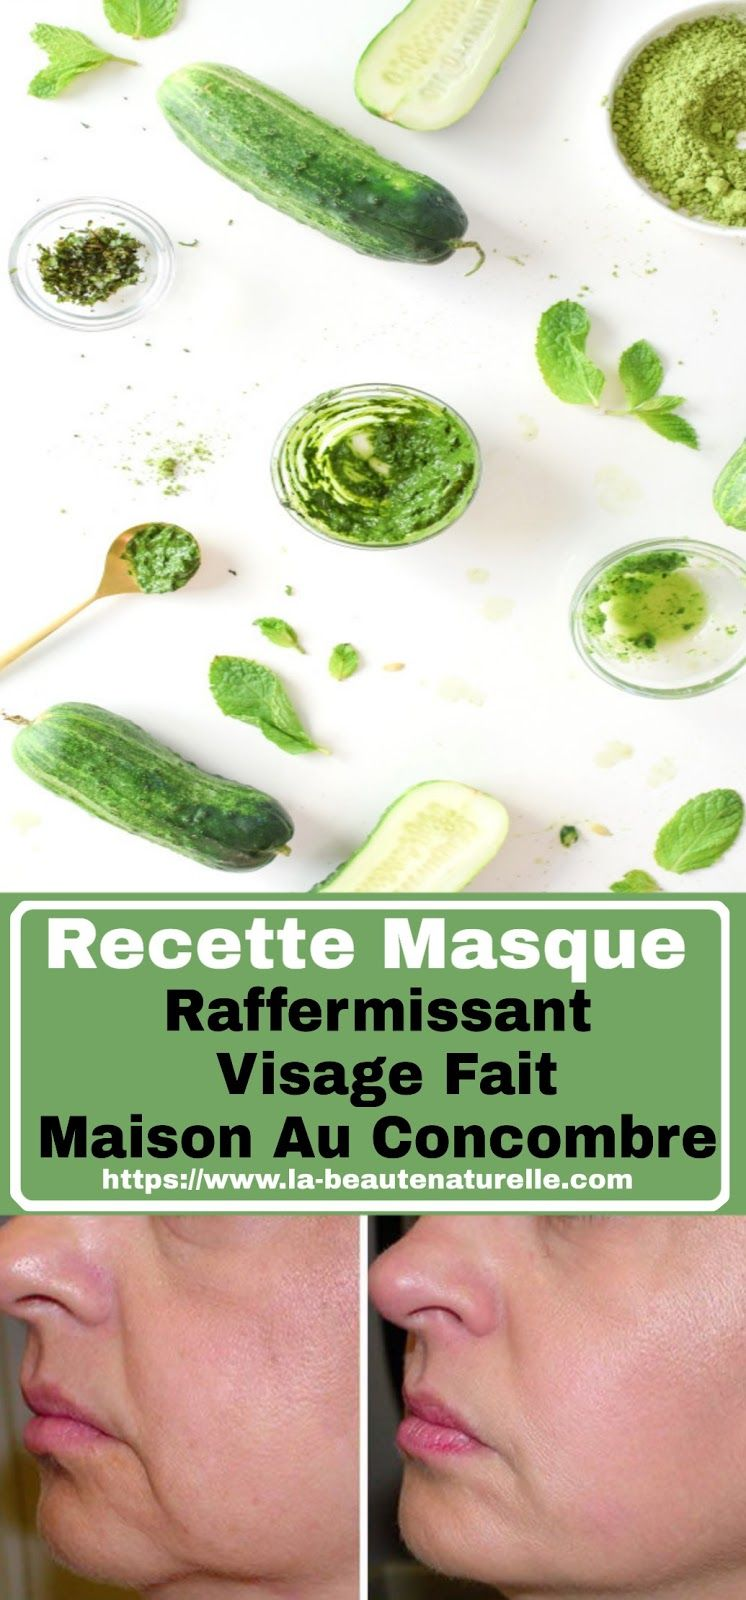 Recette Masque Raffermissant Visage Fait Maison Au Concombre Recette Masque Raffermissant Visage Concombre Cucumber Hair Beauty Condiments